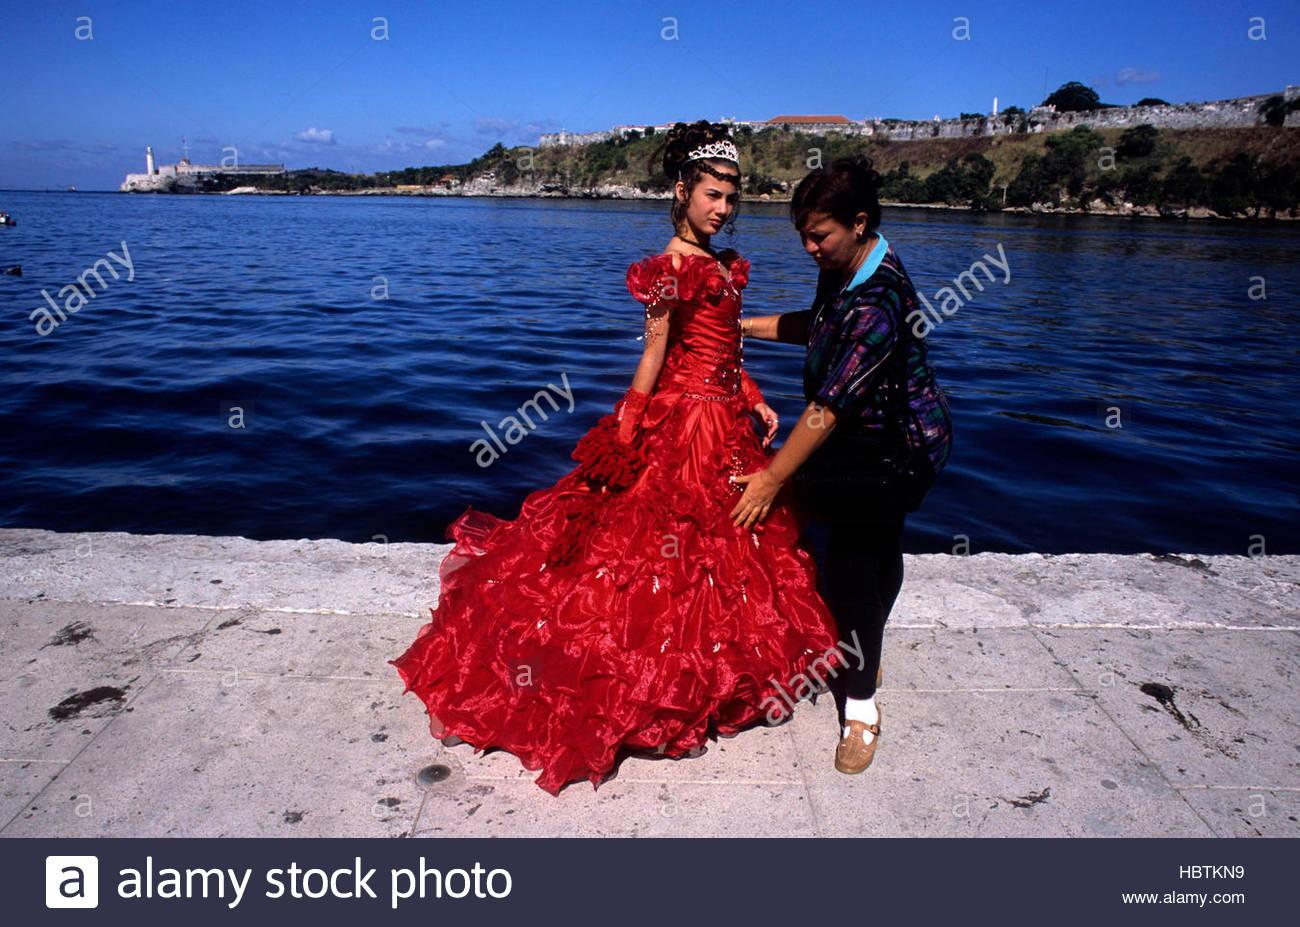 Bien habillé cette fille cubain célèbre ses quinze ans , La Havane, Cuba. Photo Stock